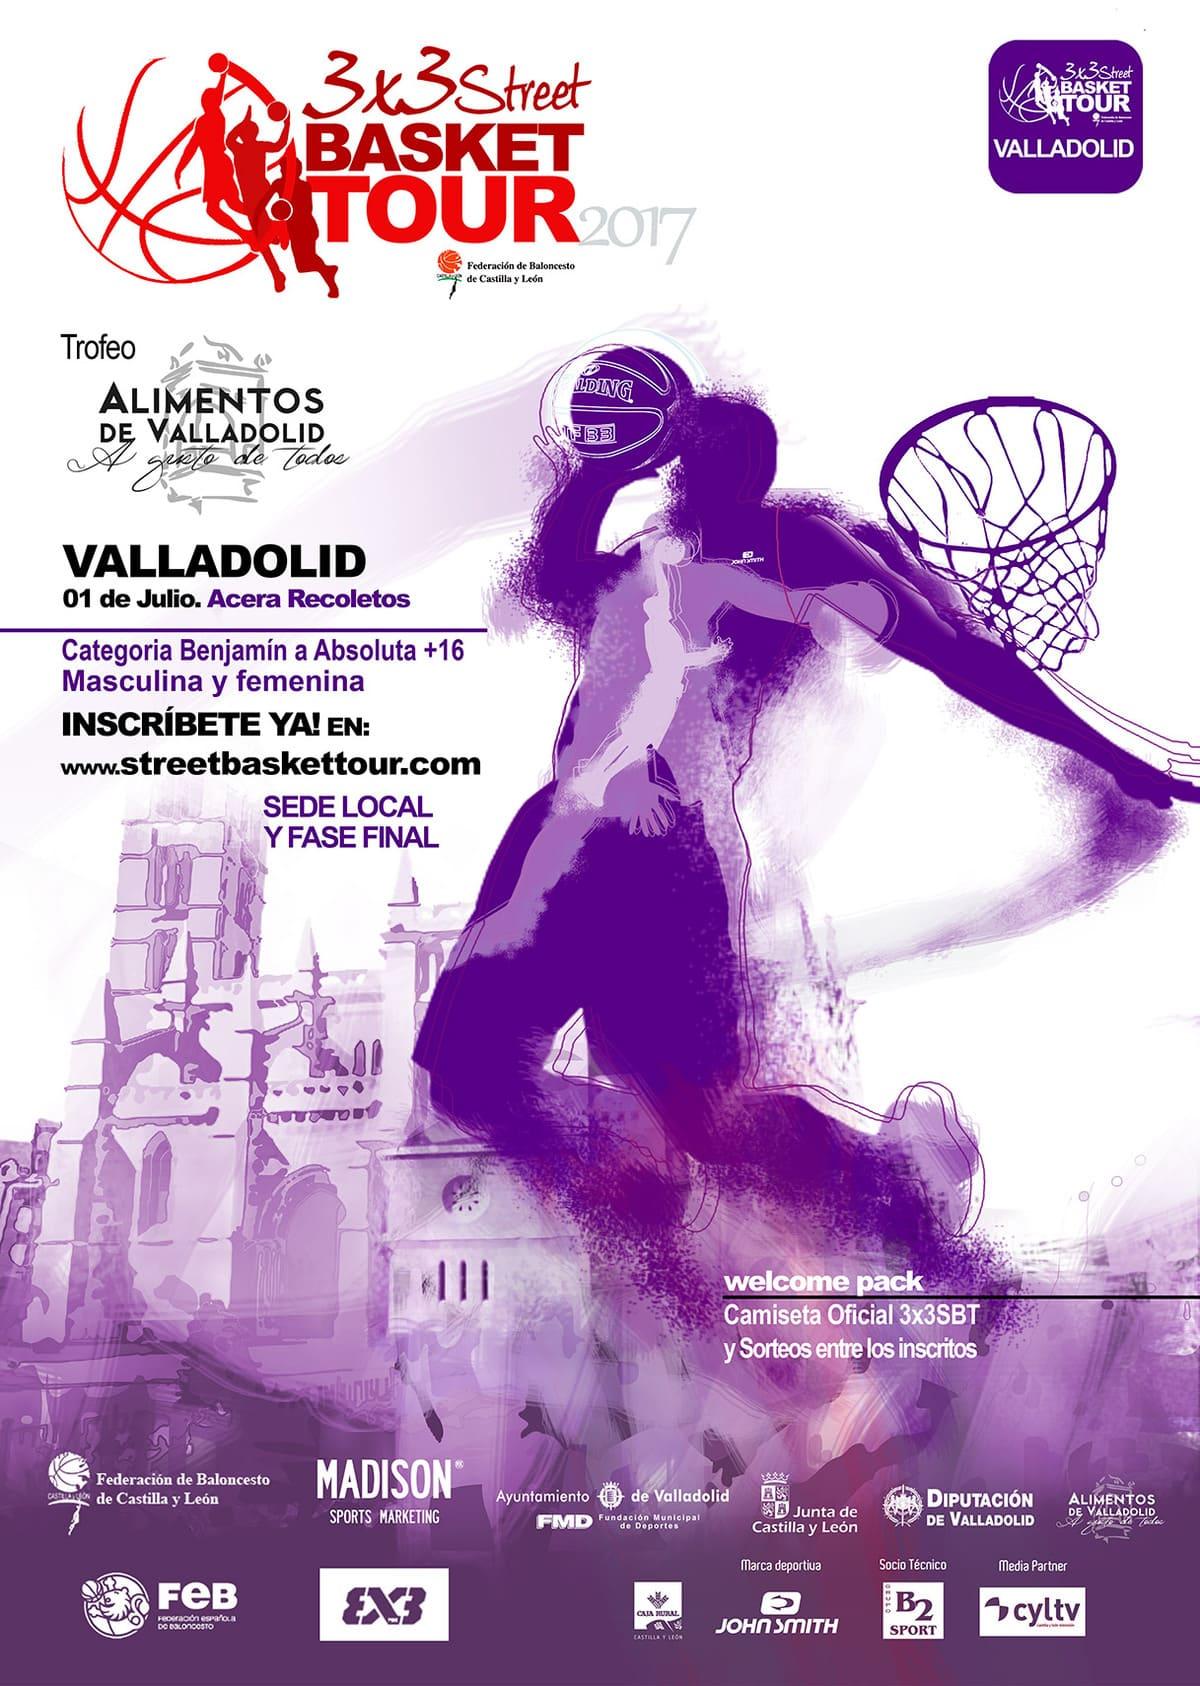 Cartel Mail de Valladolid 3x3 SBT 2017